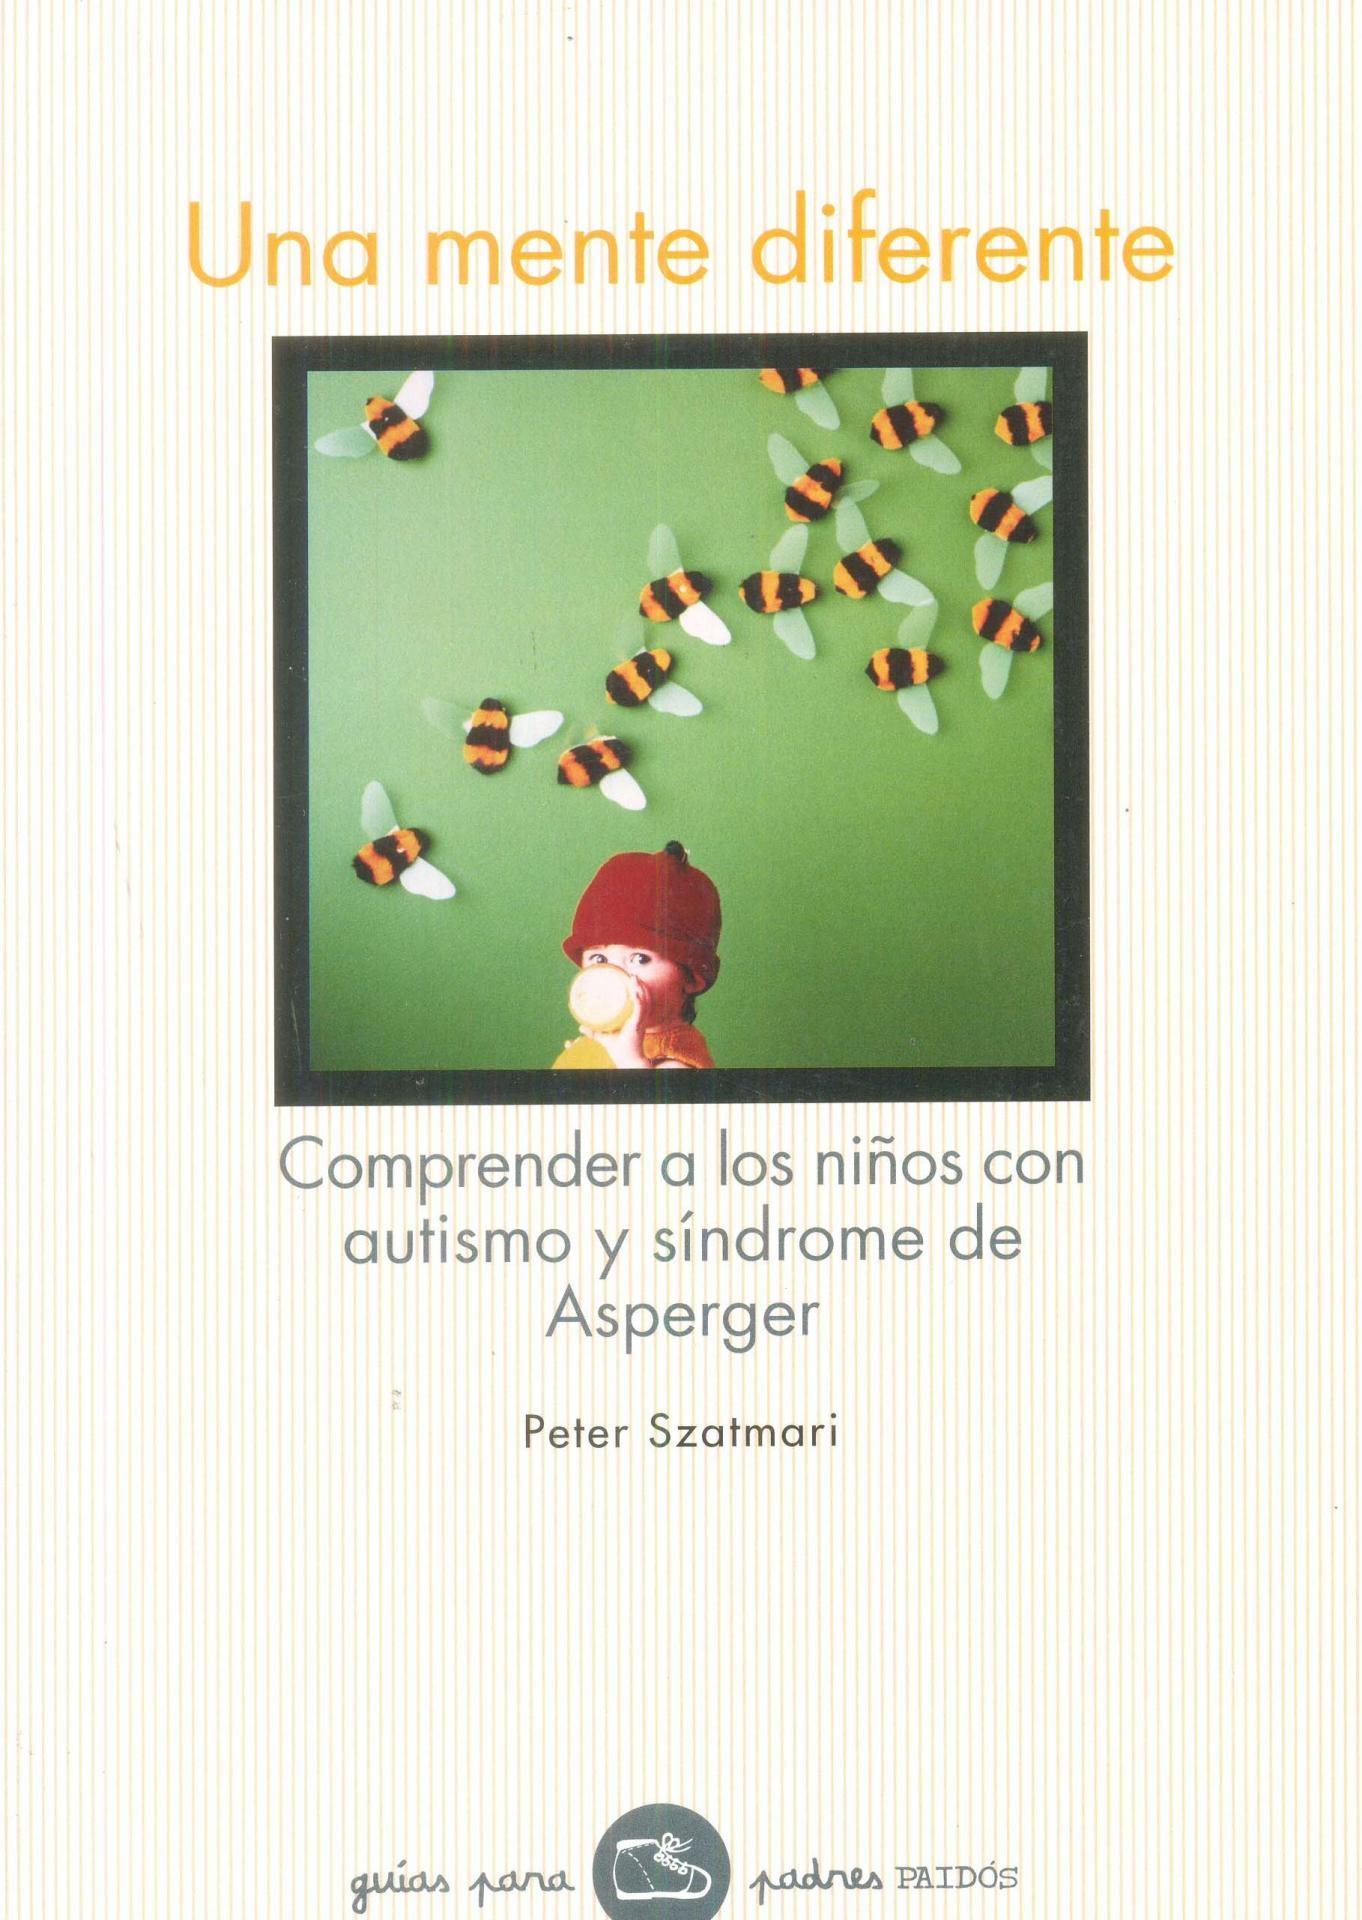 UNA MENTE DIFERENTE. Comprender a los niños con autismo y síndrome de Asperger. Szatmari, P.